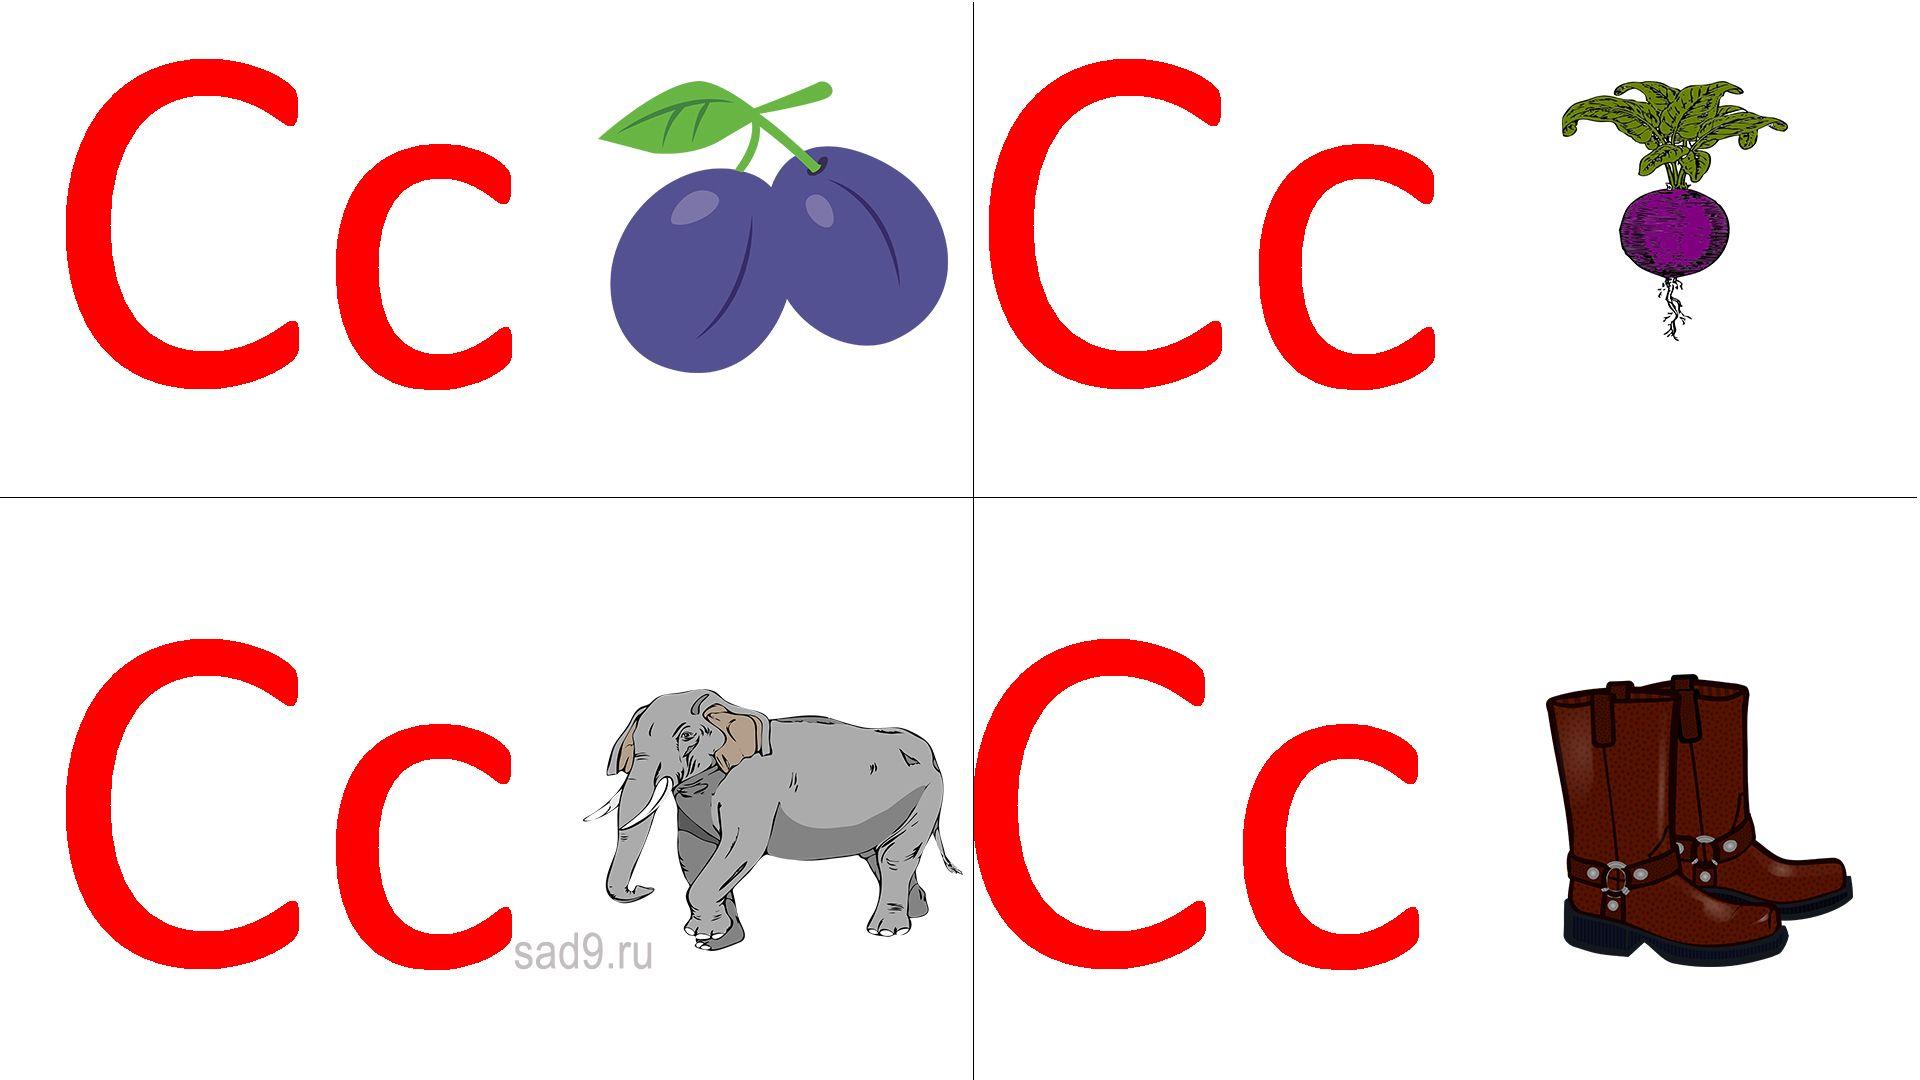 Учим букву С, русский алфавит